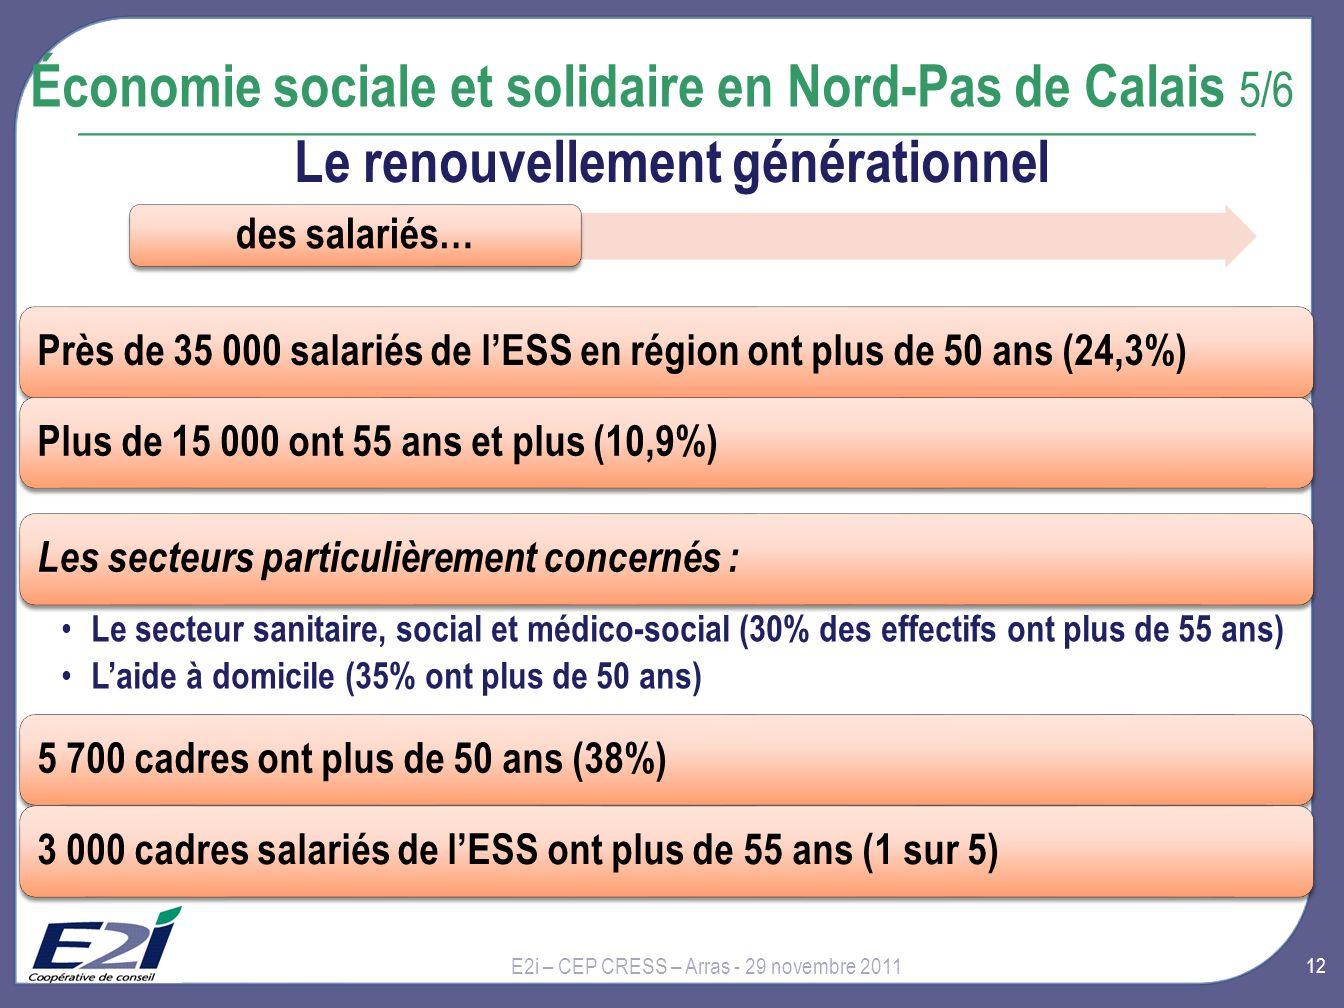 12 E2i – CEP CRESS – Arras - 29 novembre 2011 Économie sociale et solidaire en Nord-Pas de Calais 5/6 Près de 35 000 salariés de lESS en région ont plus de 50 ans (24,3%)Plus de 15 000 ont 55 ans et plus (10,9%) Les secteurs particulièrement concernés : Le secteur sanitaire, social et médico-social (30% des effectifs ont plus de 55 ans) Laide à domicile (35% ont plus de 50 ans) 5 700 cadres ont plus de 50 ans (38%)3 000 cadres salariés de lESS ont plus de 55 ans (1 sur 5) des salariés… Le renouvellement générationnel